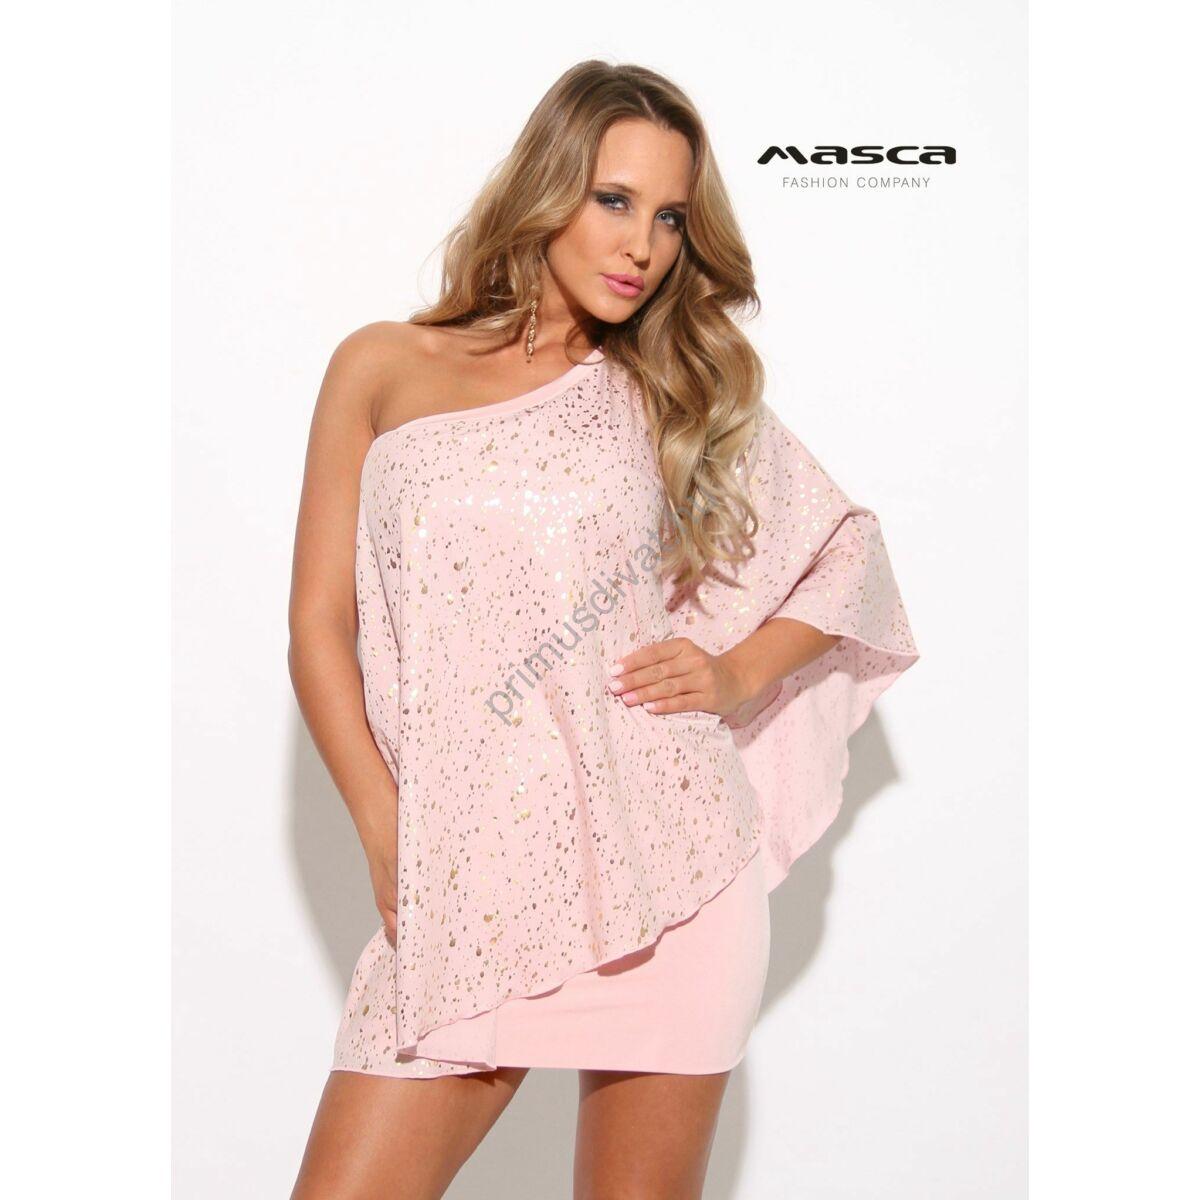 4f869c64a Masca Fashion kétrétegű, aszimmetrikus pasztell rózsaszín miniruha bő,  nyomott arany mintás felső réteggel - Mf917-71